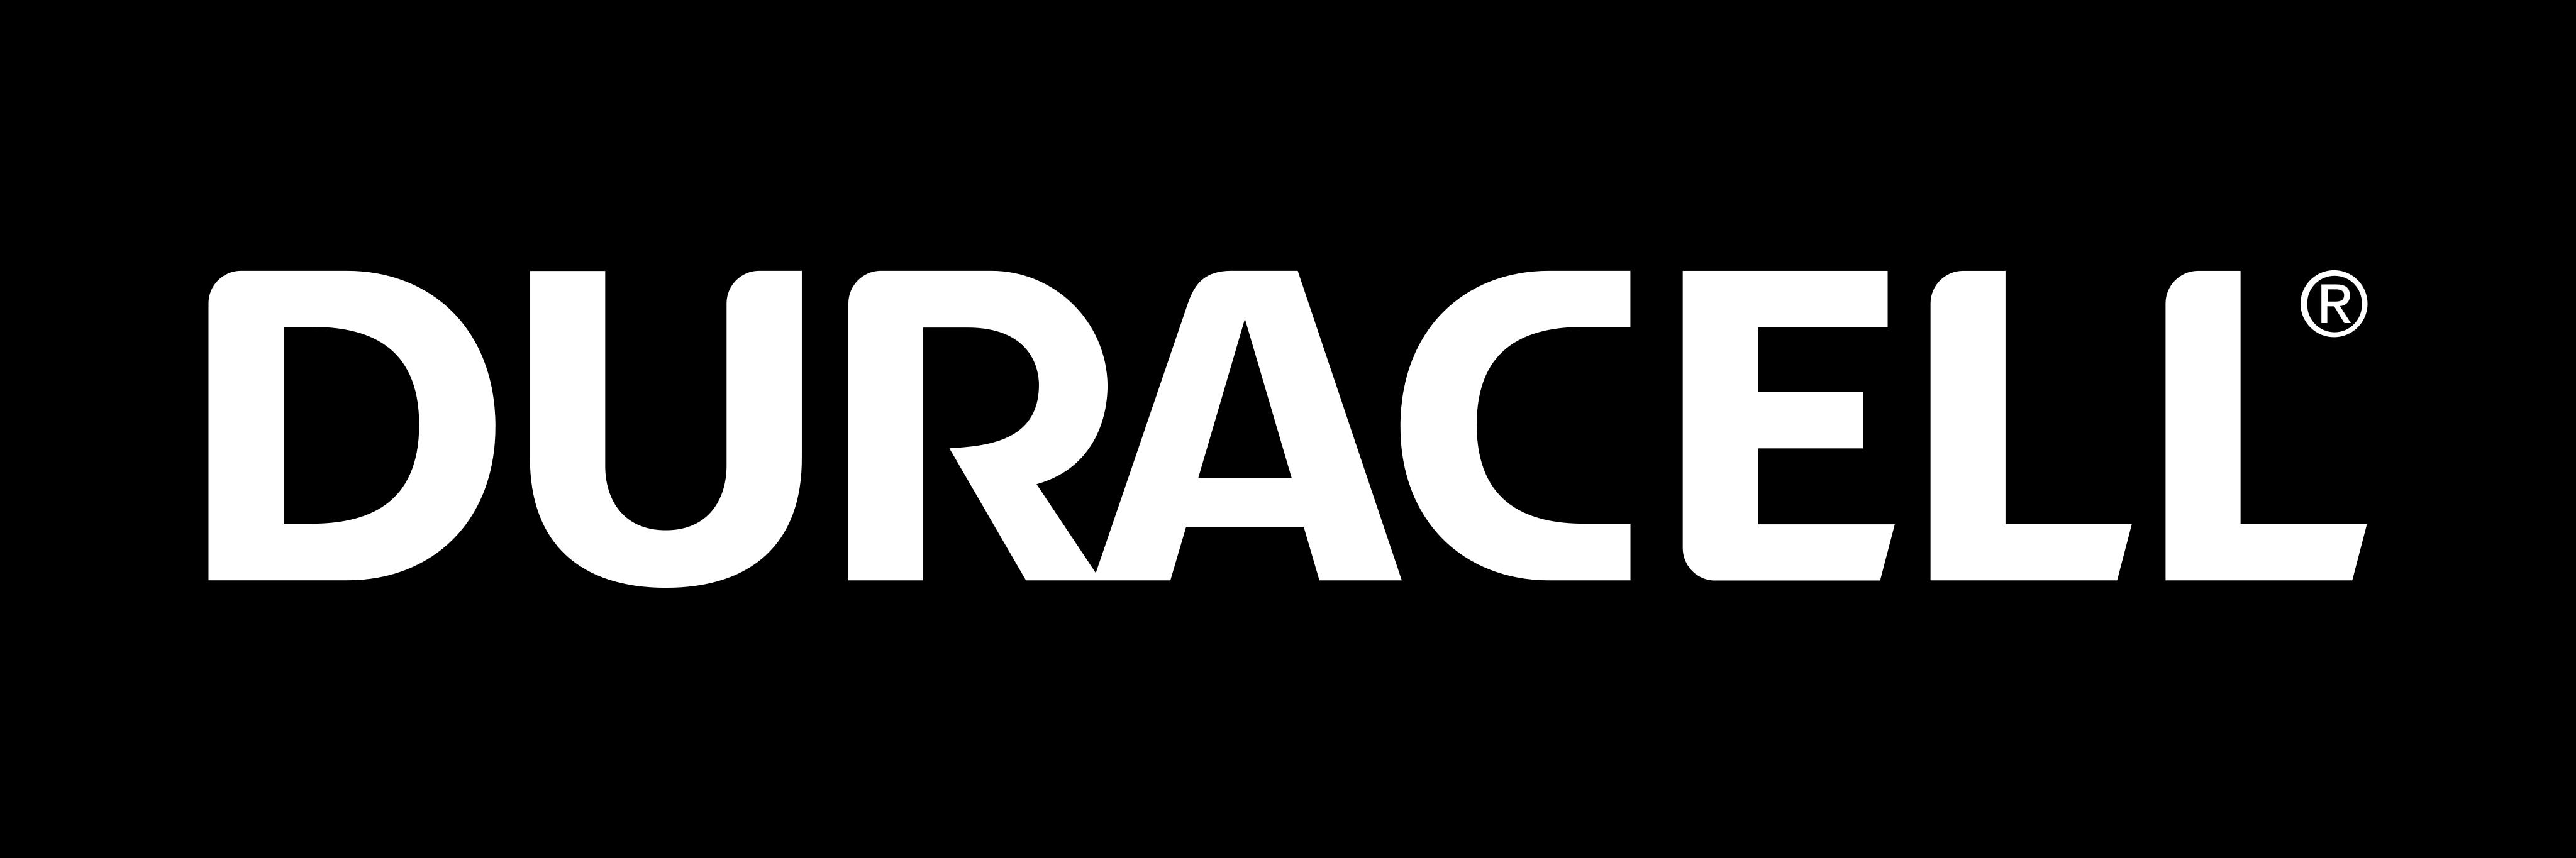 duracell logo - Duracell Logo